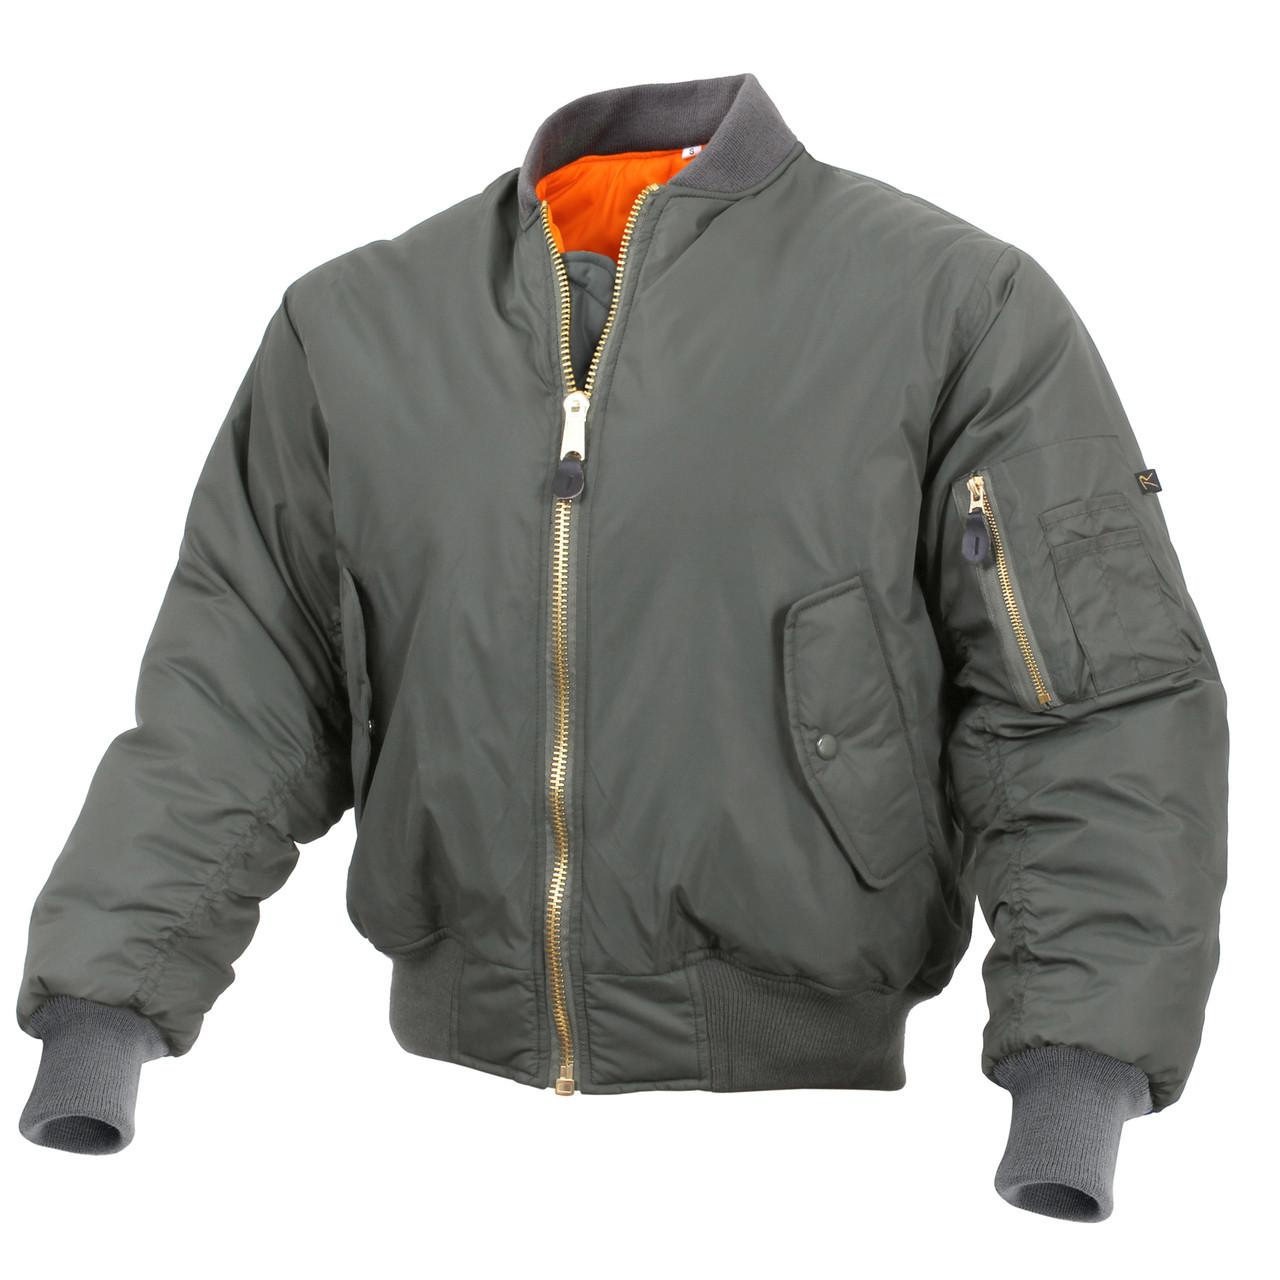 64b646b1f2d Shop Enhanced Nylon MA-1 Flight Jackets - Fatigues Army Navy Gear